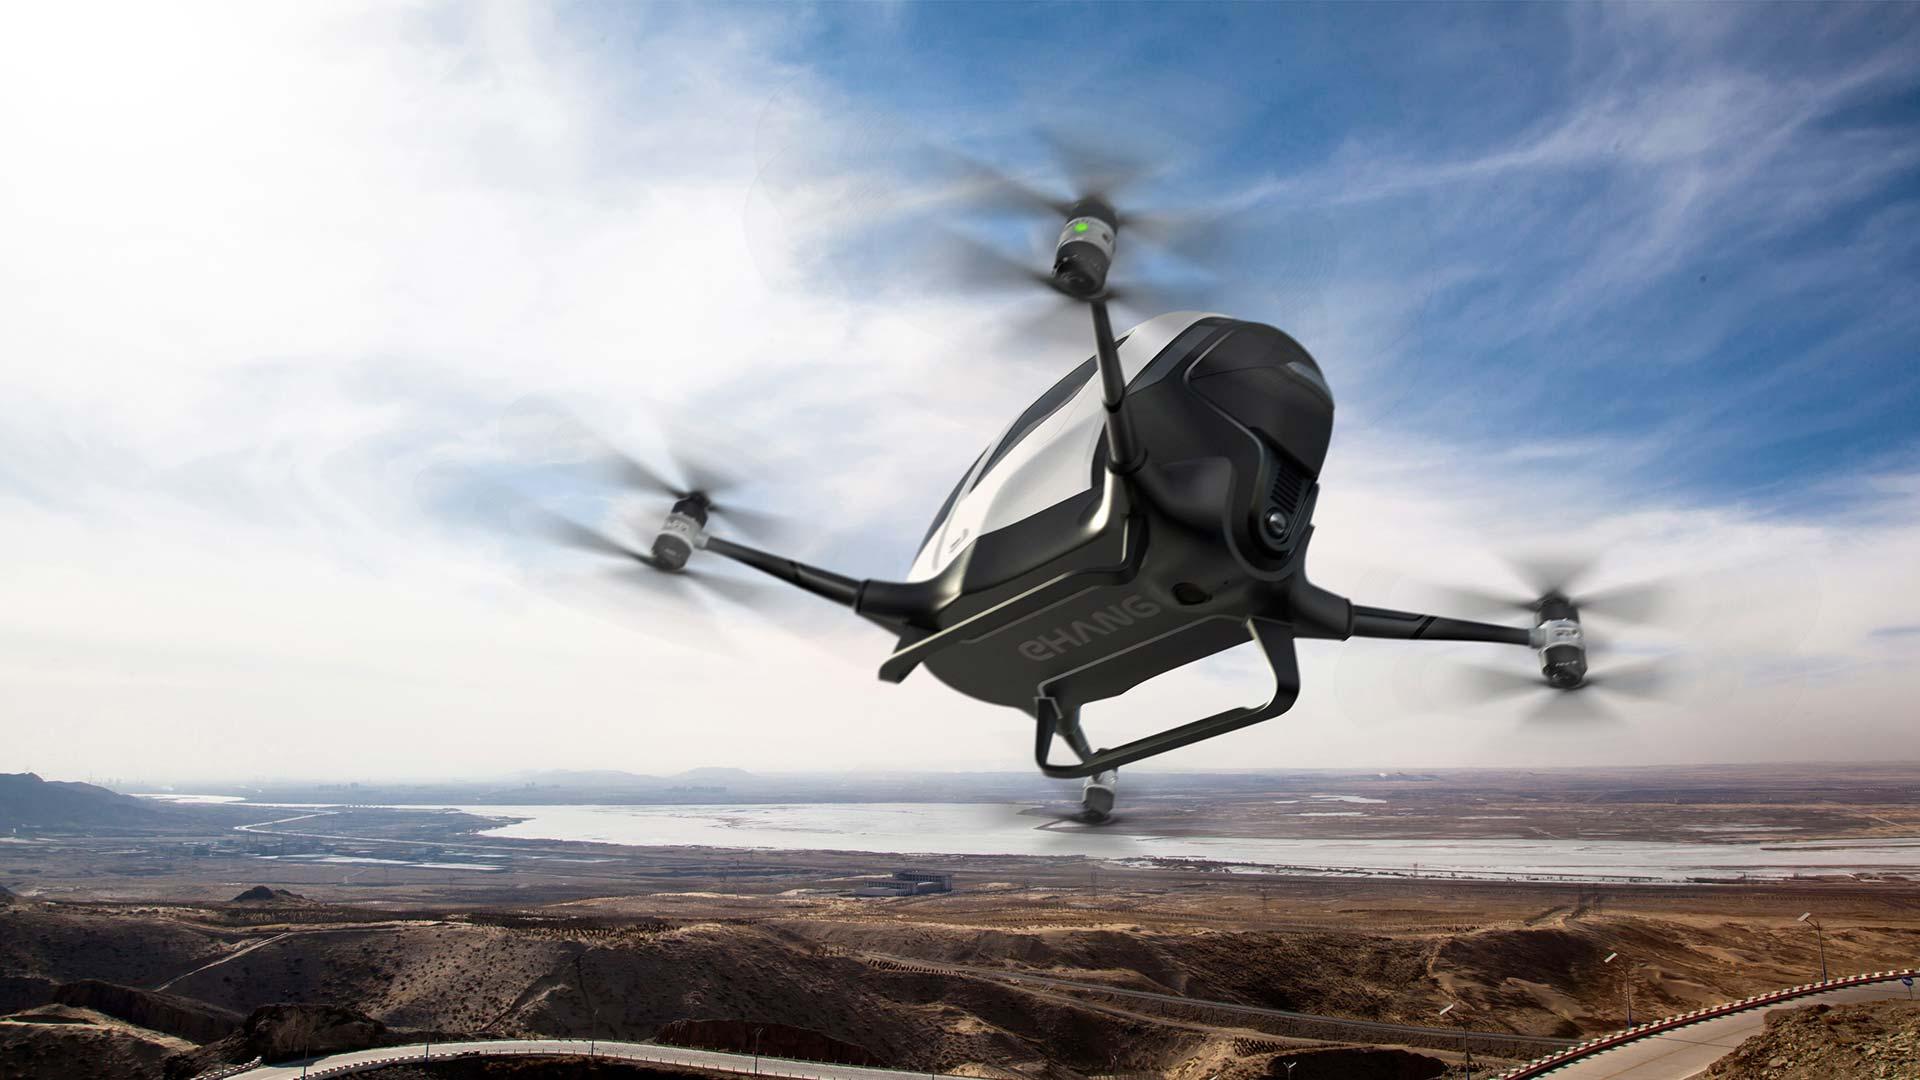 Fliegen wir alle schon bald mit so einer Drohne zur Arbeit?